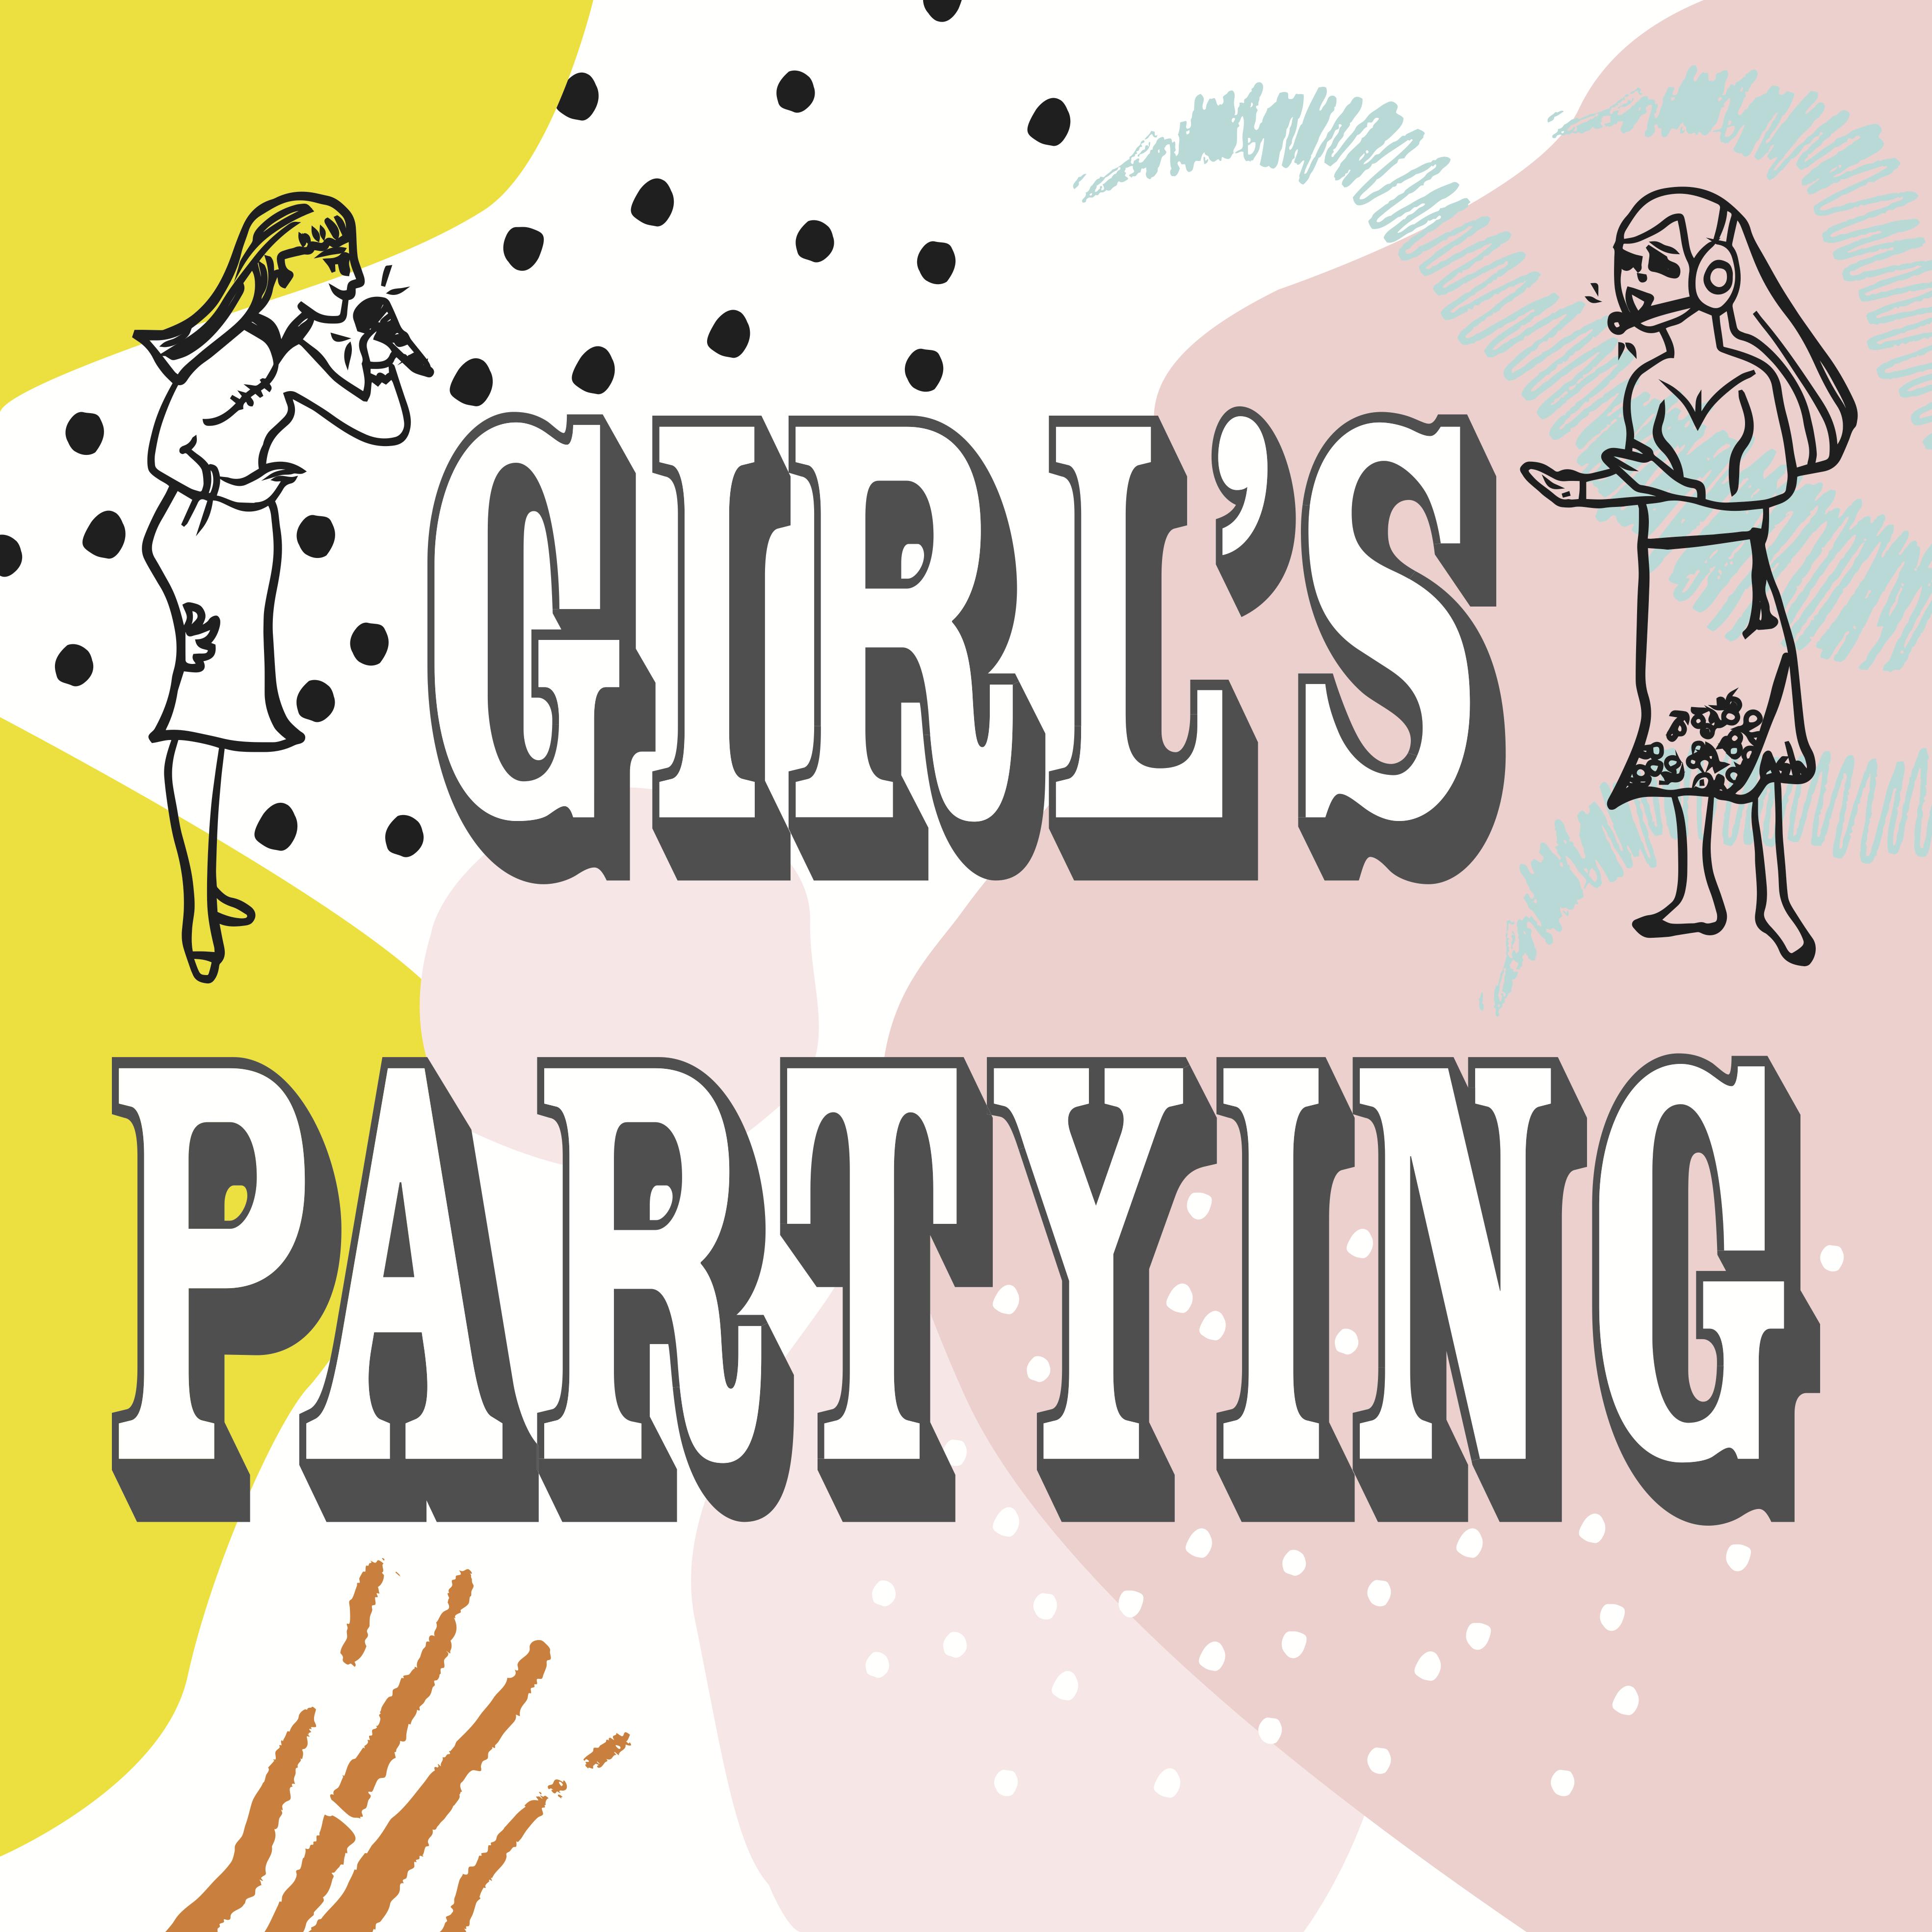 【第4場派對】神奇派對!隨意豢養神奇寶貝攻略大公開!